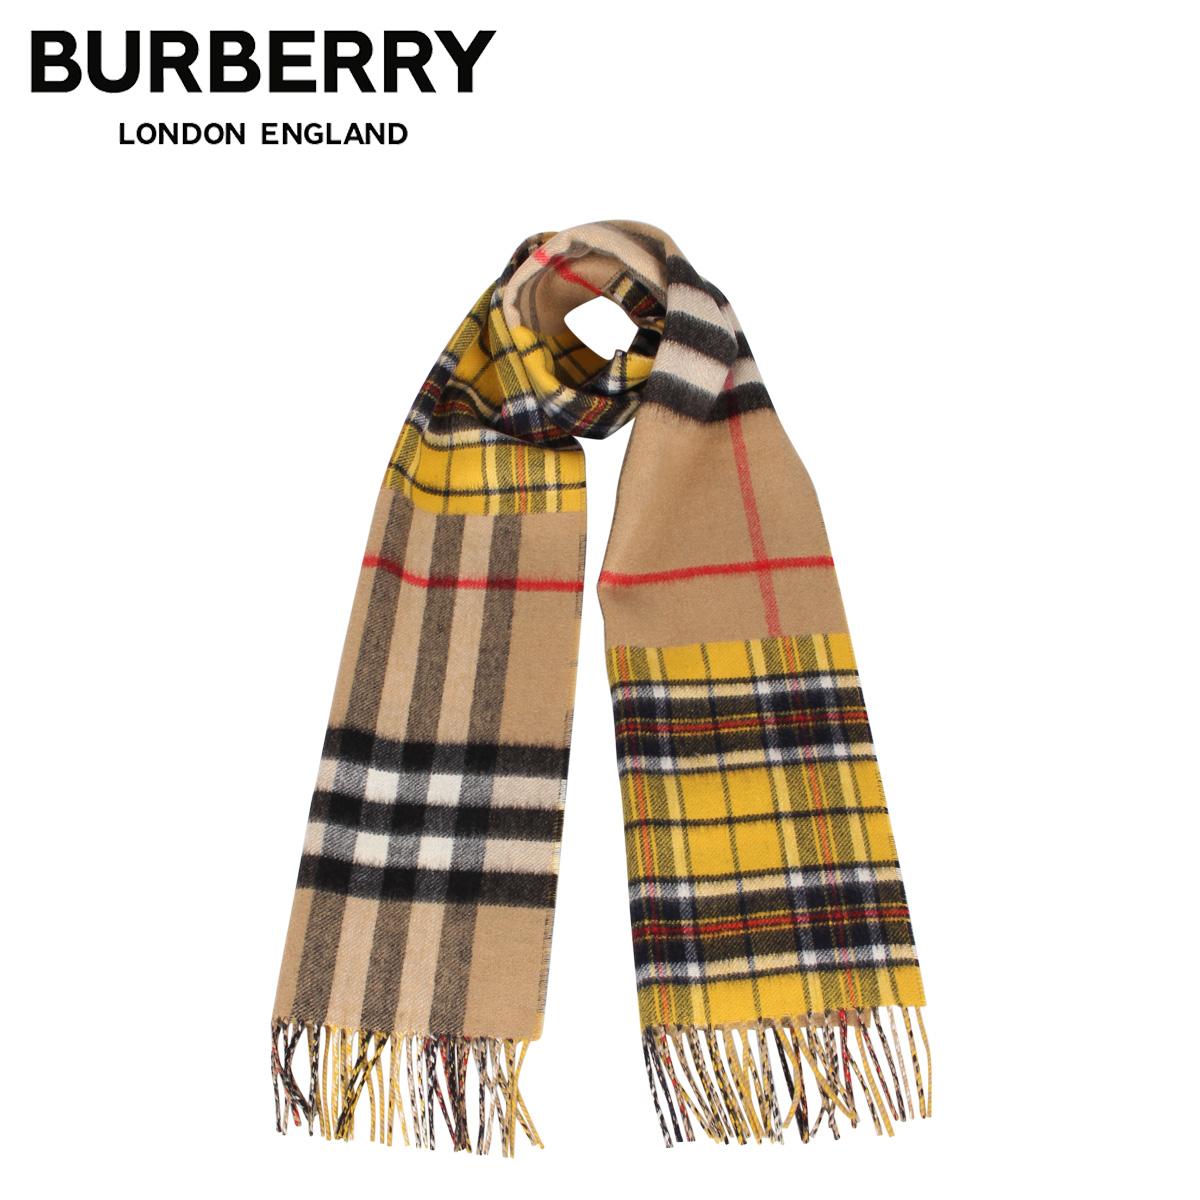 BURBERRY バーバリー マフラー スカーフ メンズ レディース チェック カシミア MUFFLER ブラウン 8022484